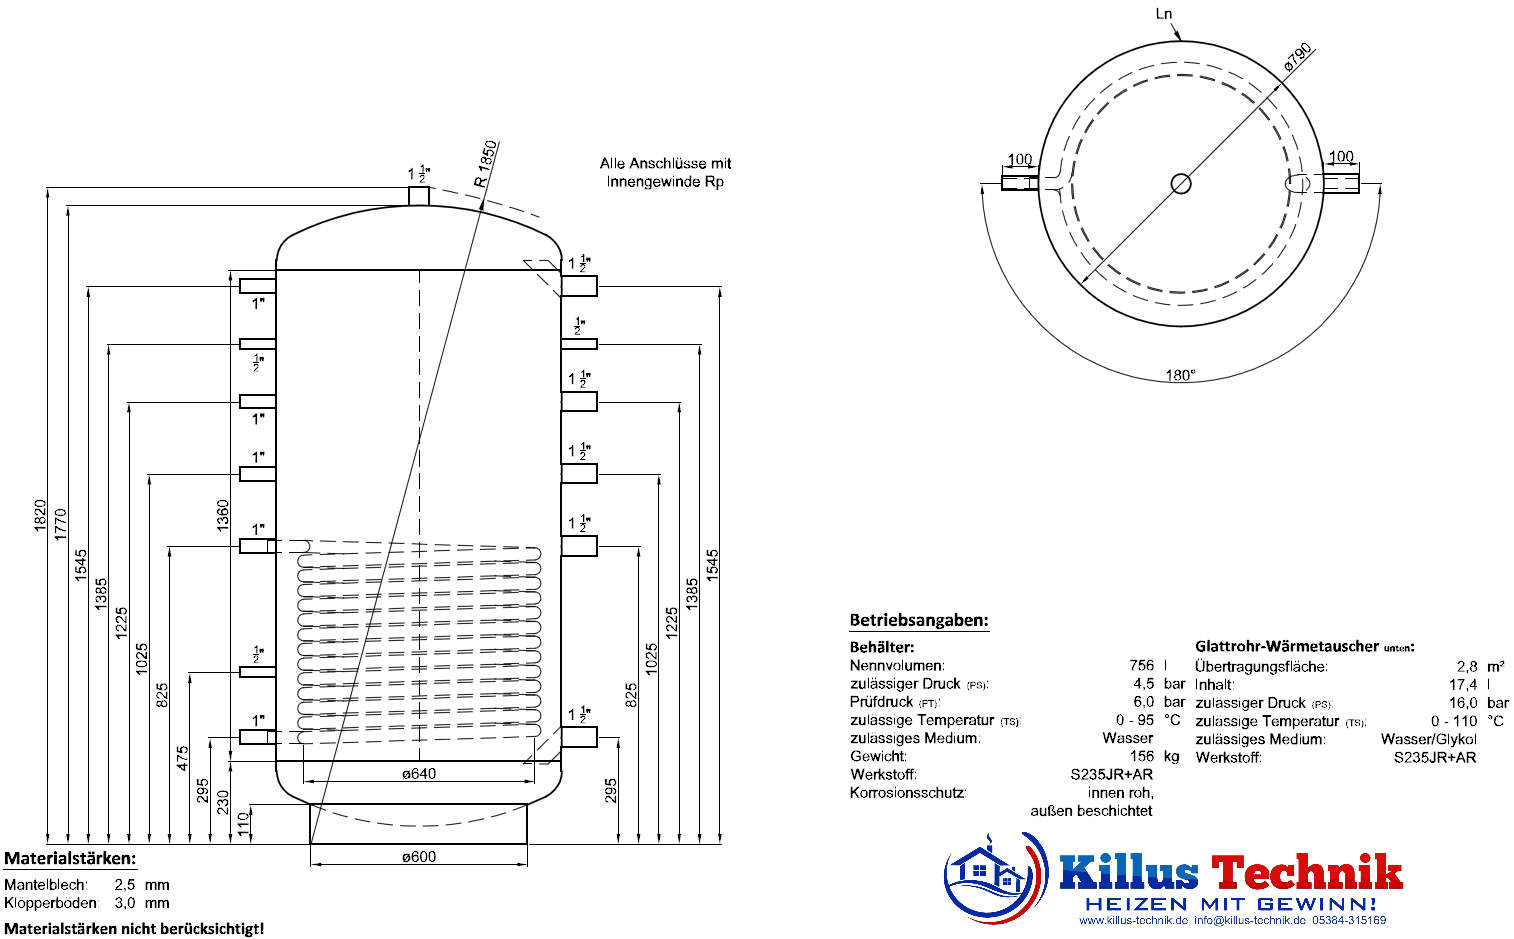 Pufferspeicher TWL 800 Liter 1 Wärmetauscher Muffenanodrnung von 100 Grad Draufsicht Killus-Technik.de